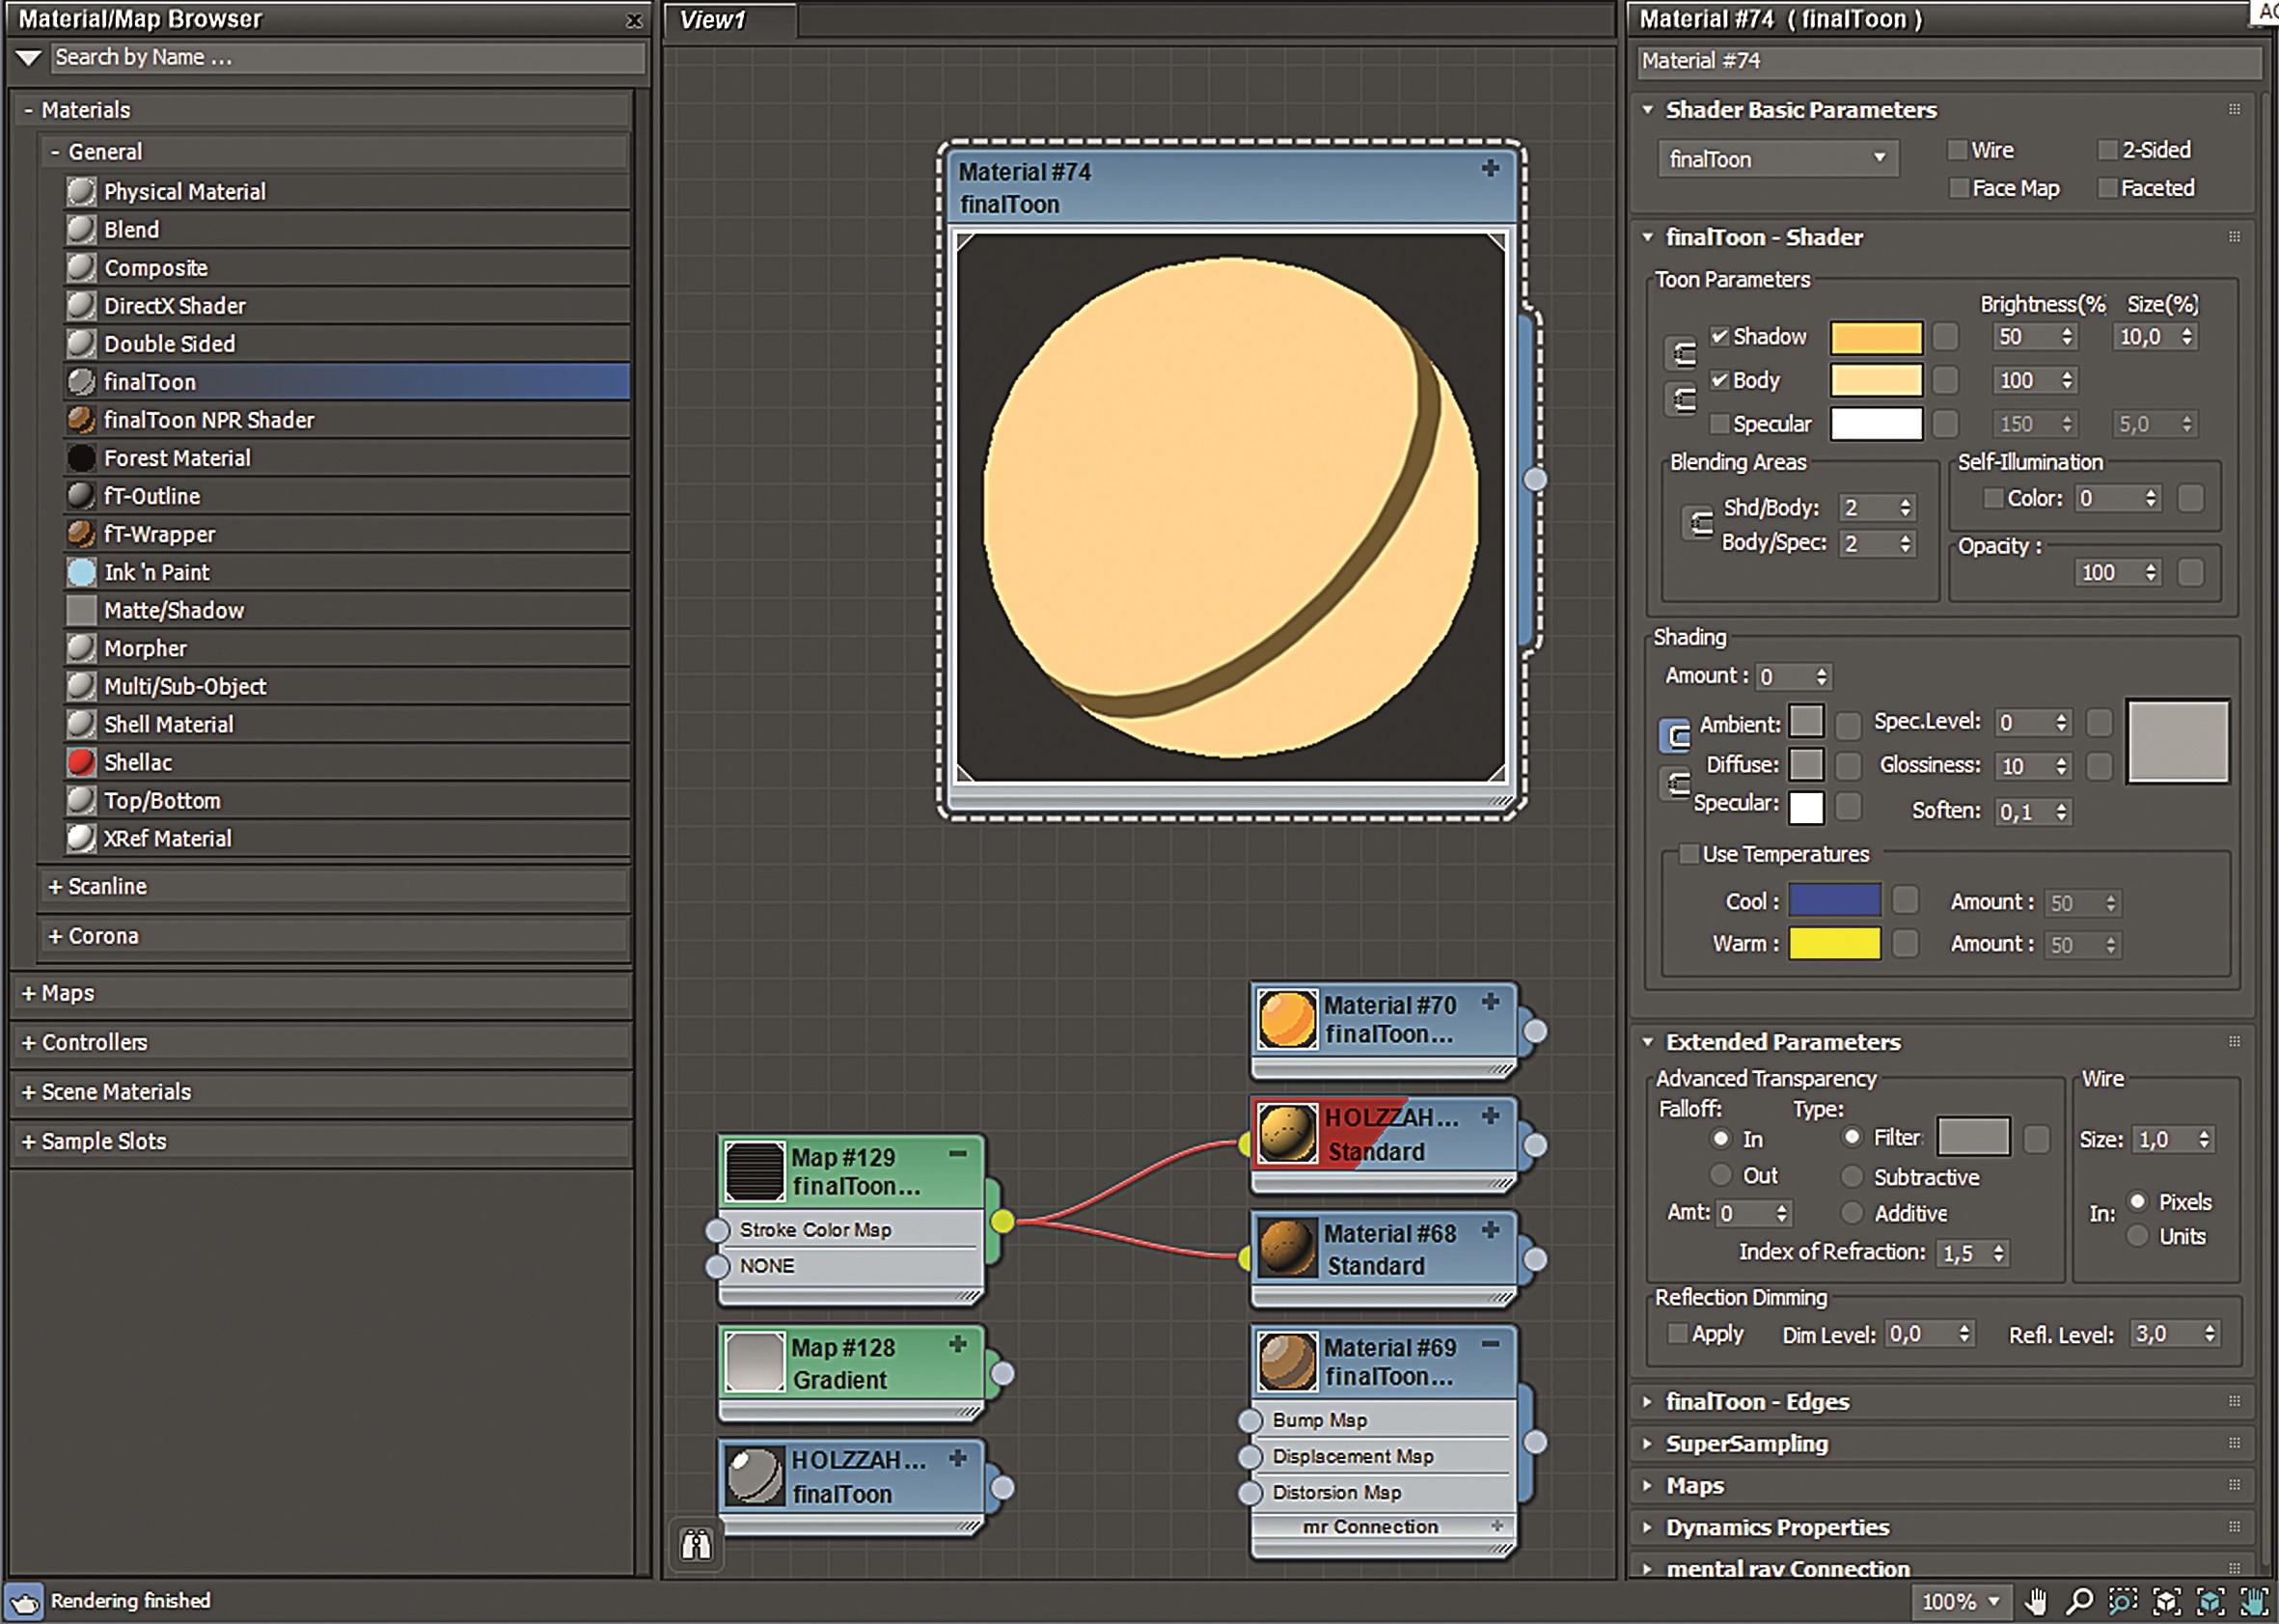 Abbildung 3: Einstellungen und Definition der Linientypen via Finaltoon-Materialien